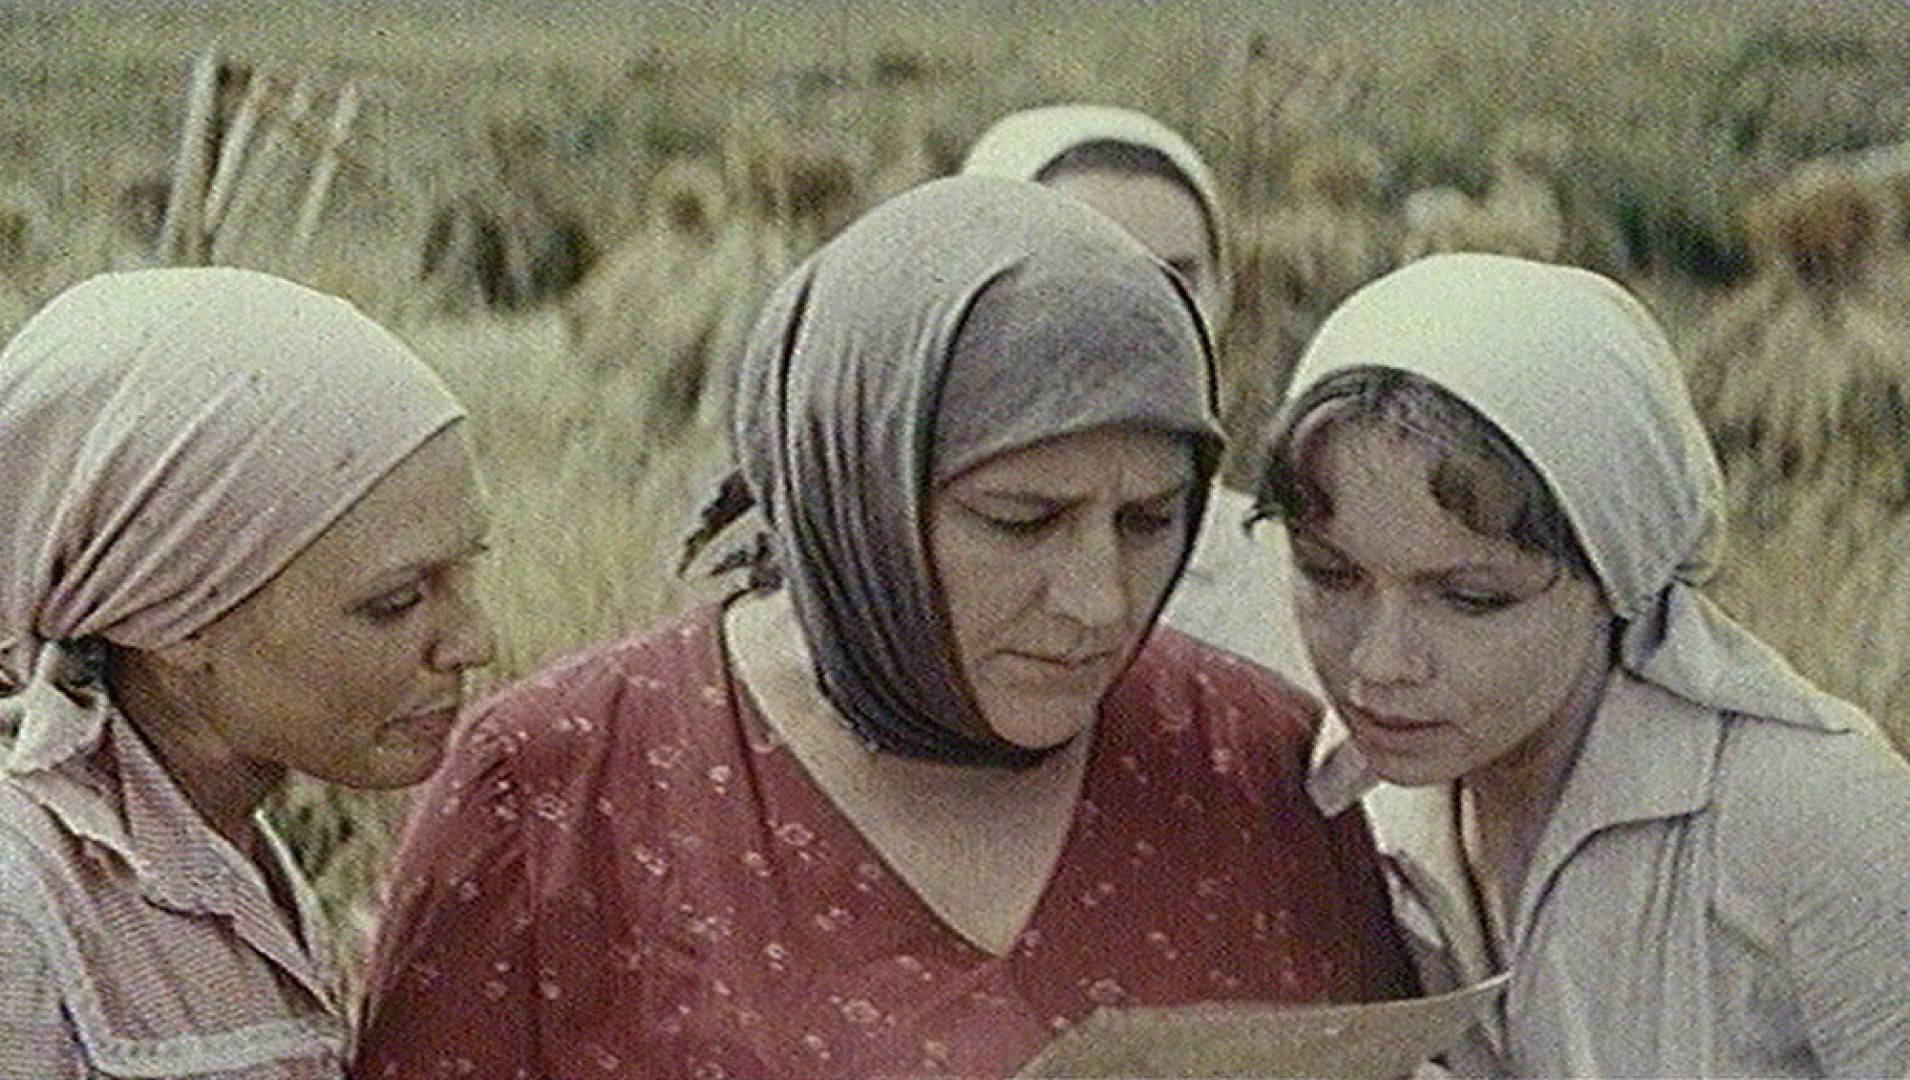 Трясина - Драма, Военный, Фильм